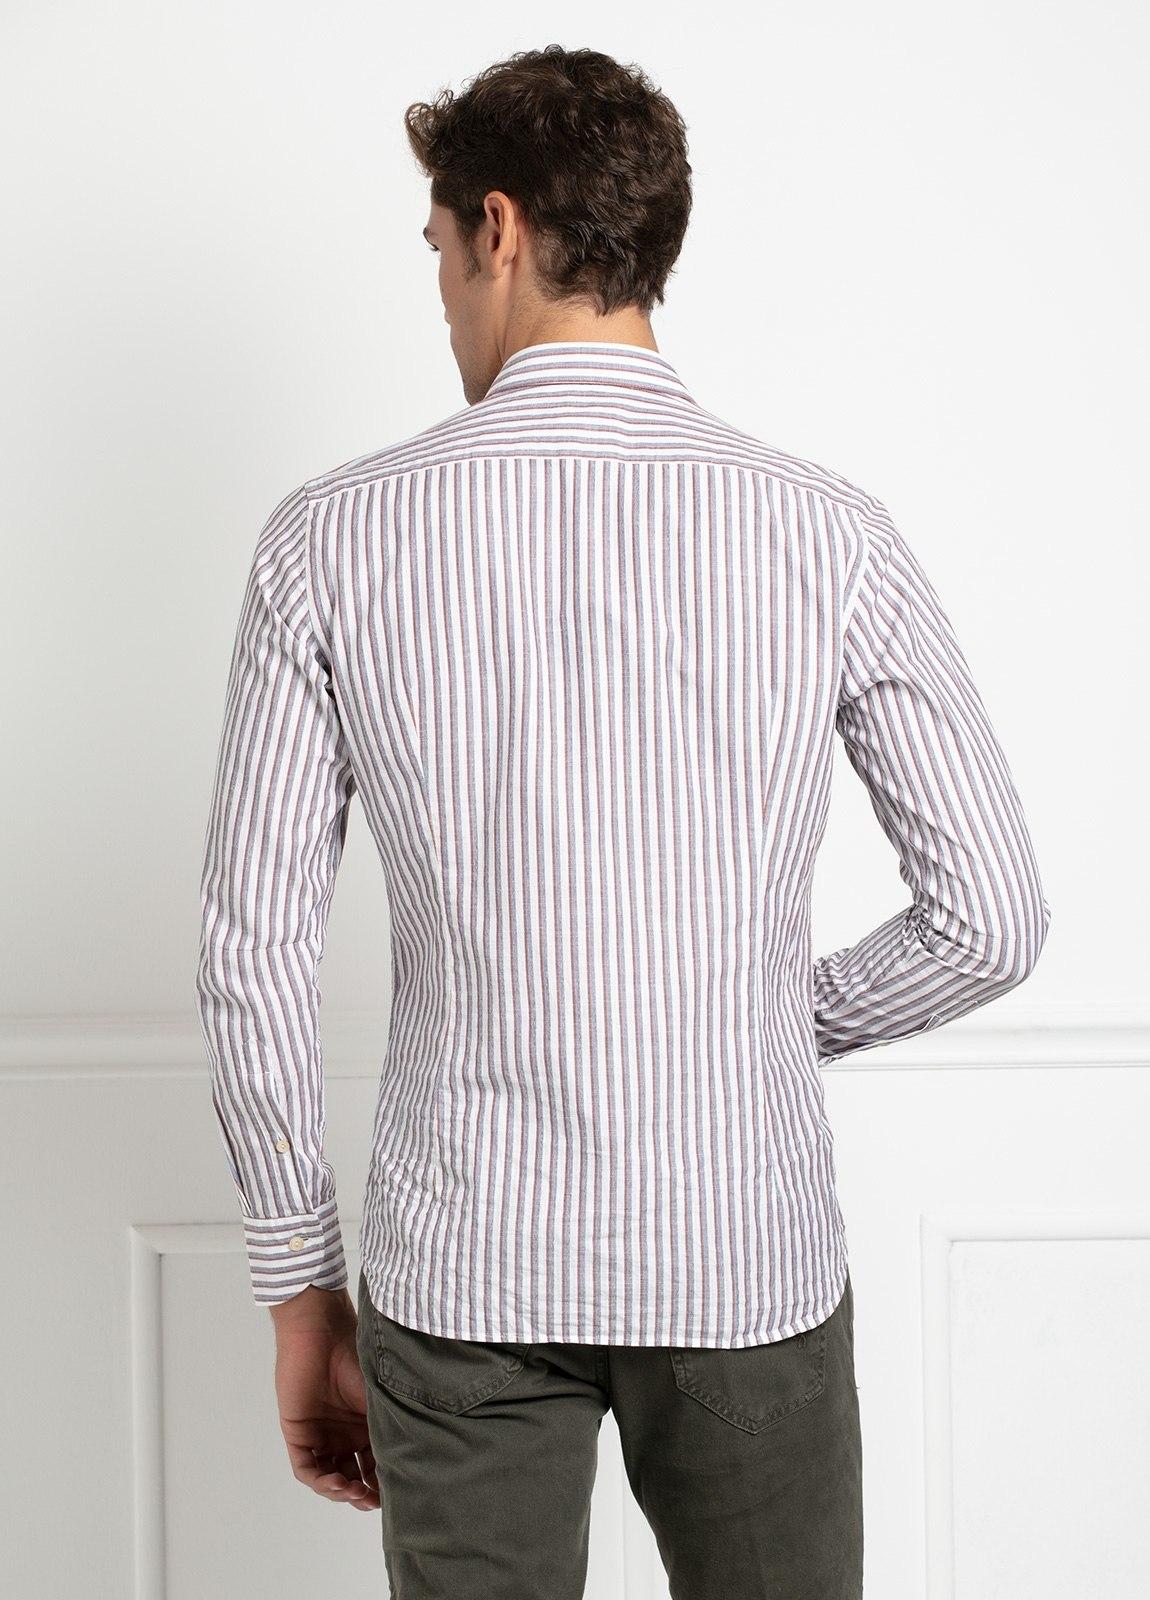 Camisa sport SLIM FIT, rayas color rojo y gris fondo blanco. 100% Algodón. - Ítem1